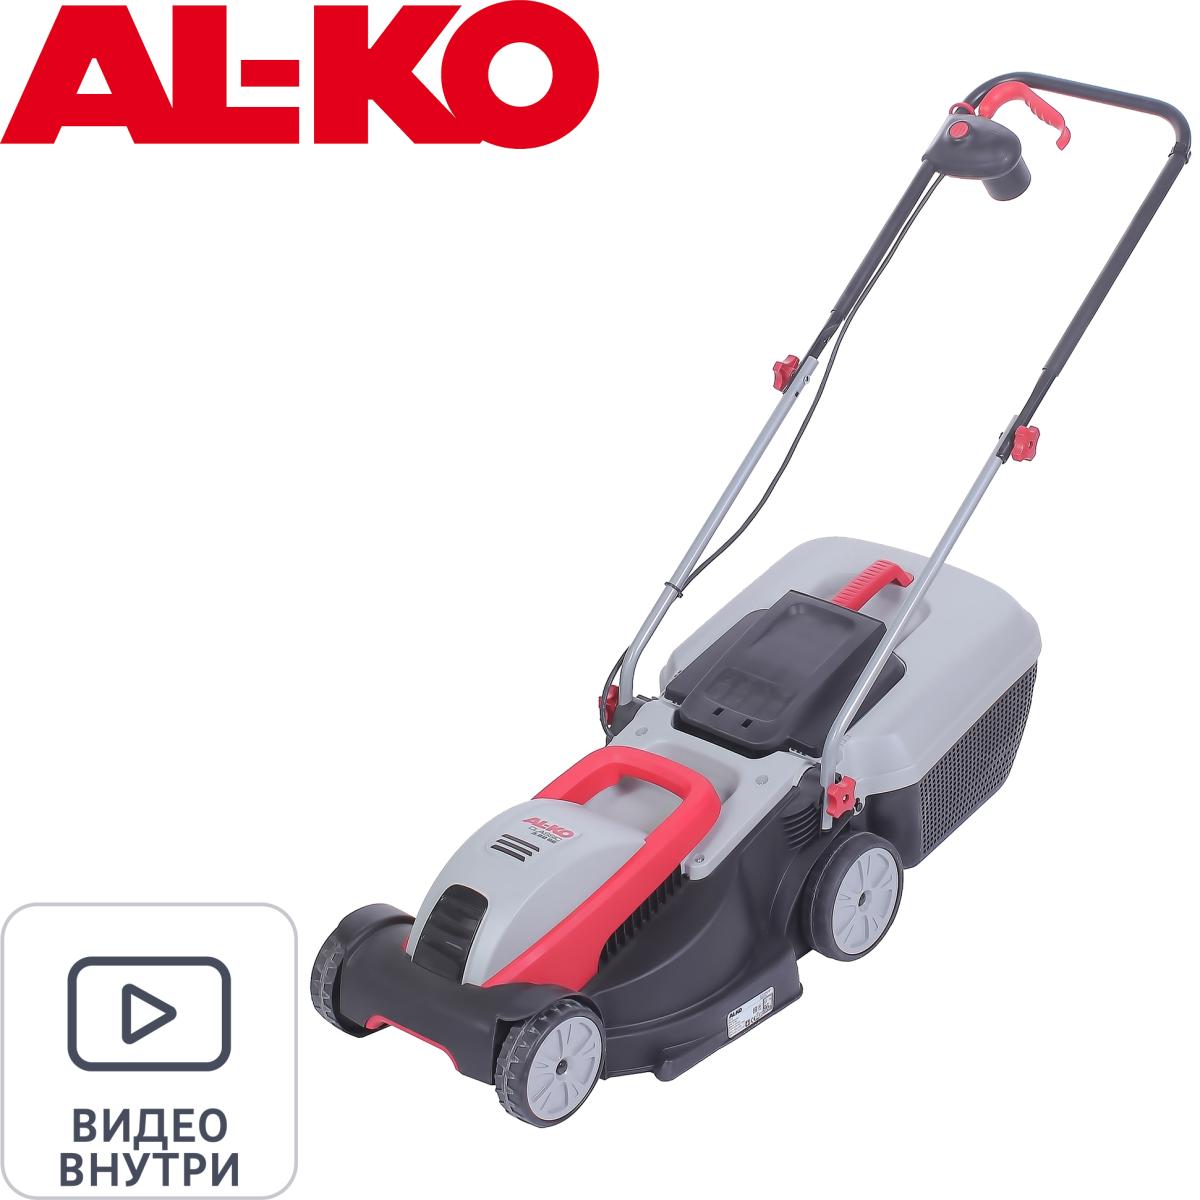 Газонокосилка электрическая AL-KO Classic 3.8 1400 Вт 38 см